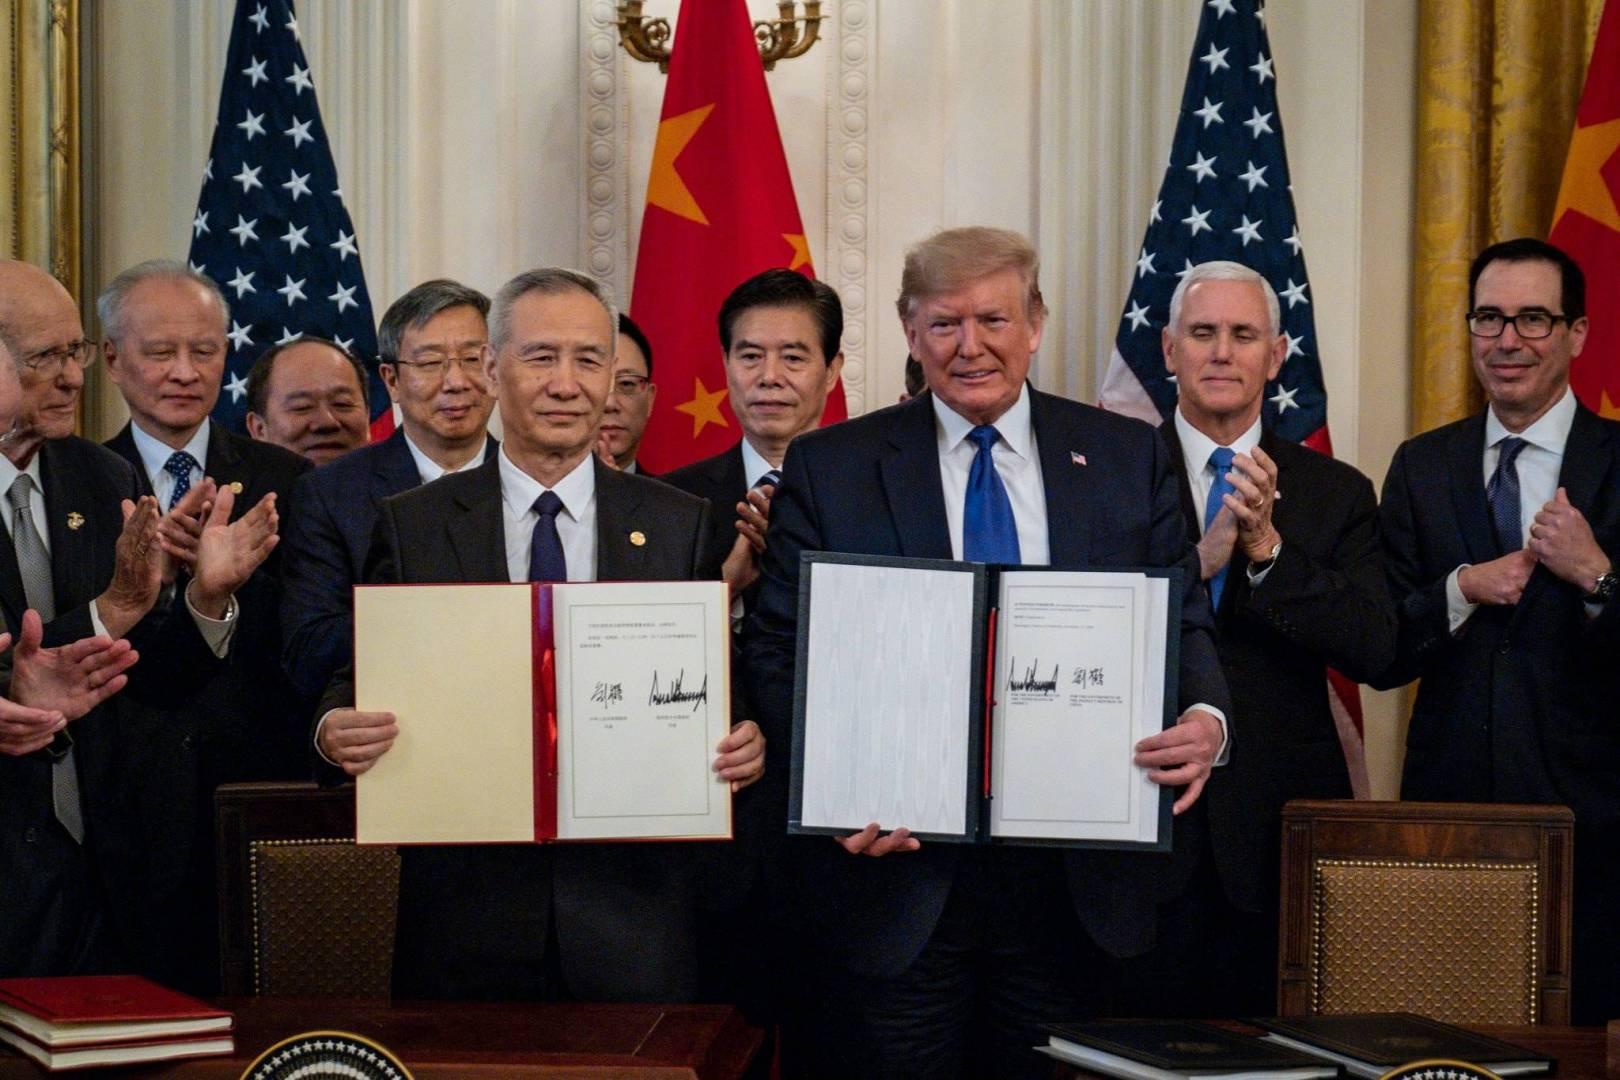 «الصين» سترفع قيمة مشترياتها من البضائع الأميركية بمقدار 200 مليار دولار